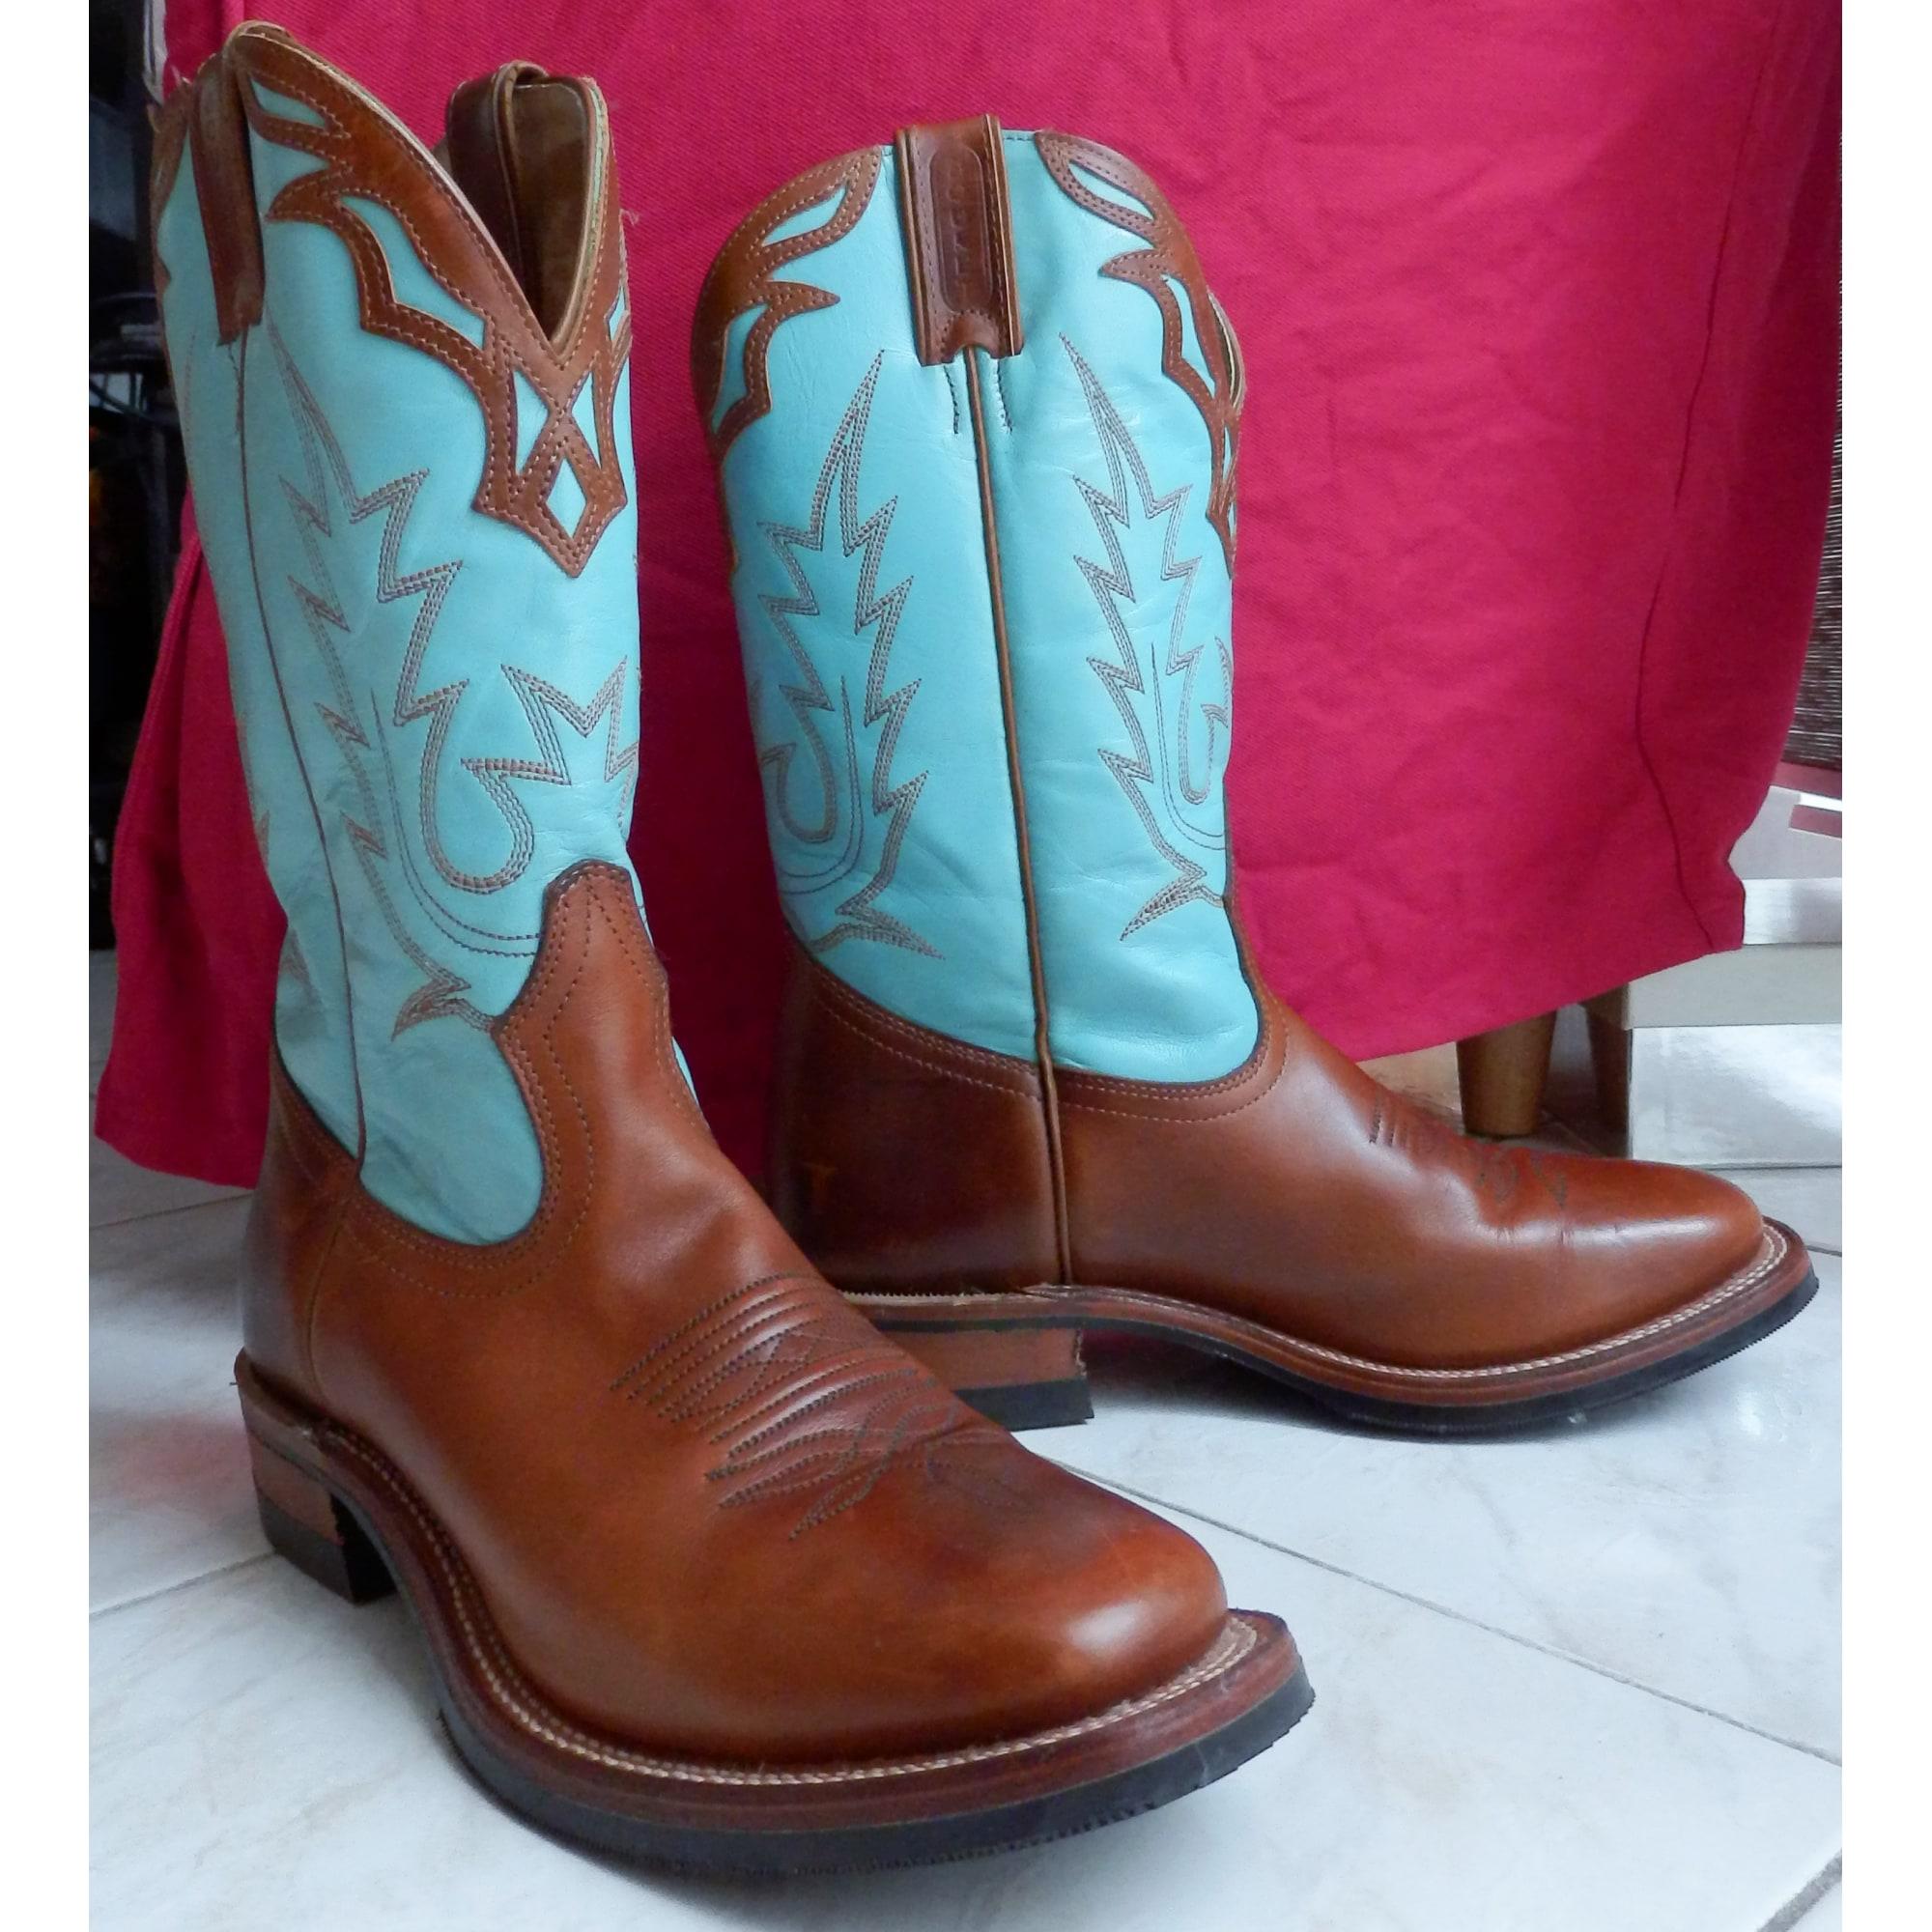 Santiags, bottes cowboy BOULET 40 multicouleur vendu par Vanina 100 ... 74f4a0b45ca2